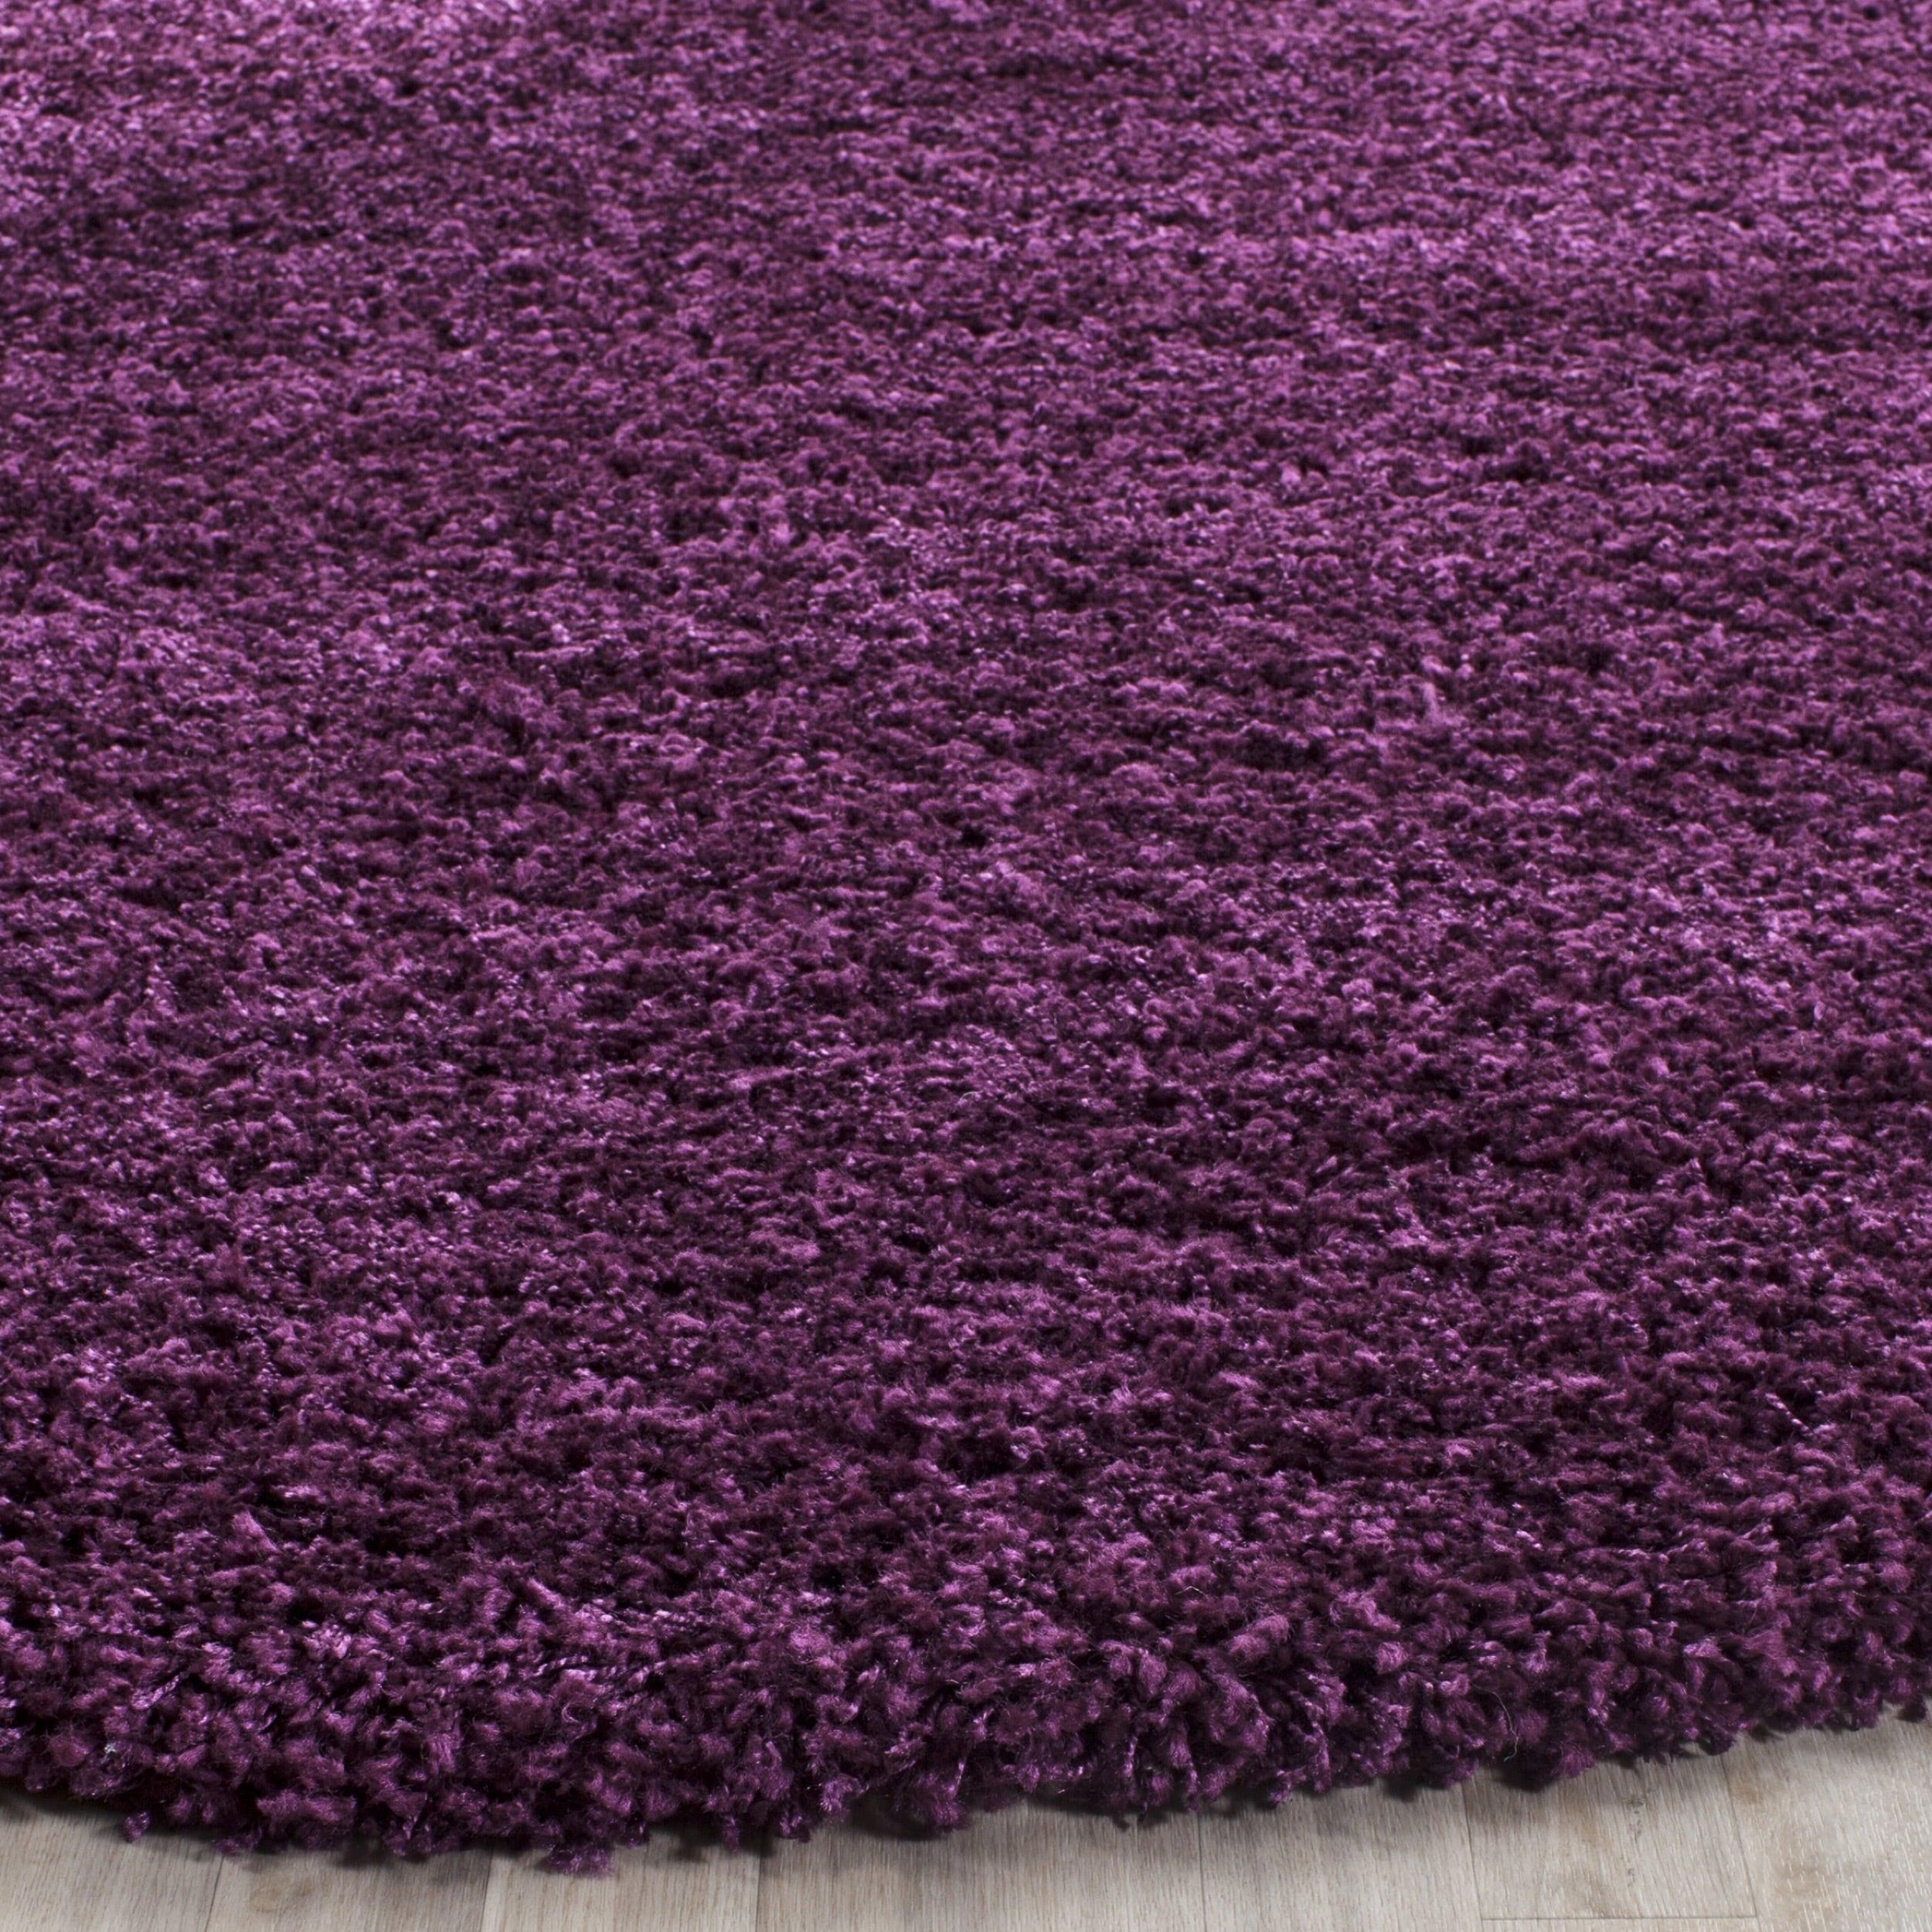 Round Purple Fluffy Rug Best 2017